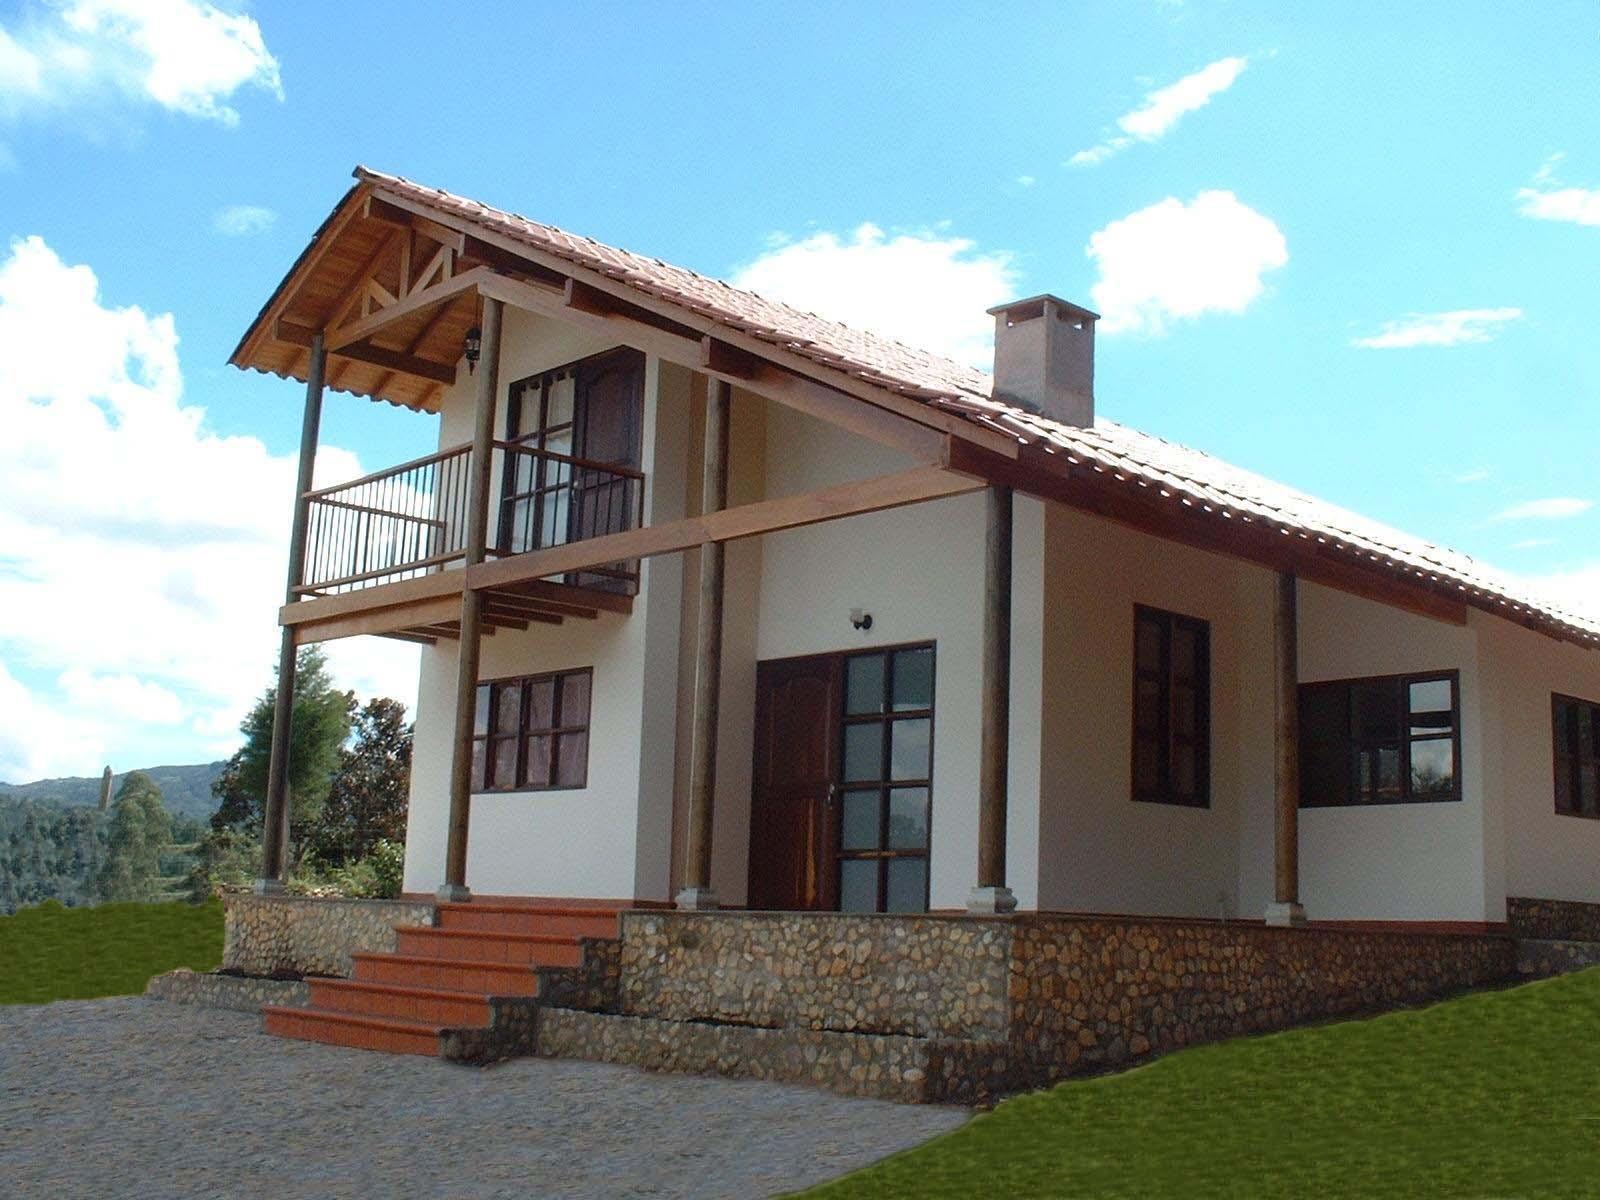 Las mejores casas prefabricadas las mejores casas for Casas modulares minimalistas